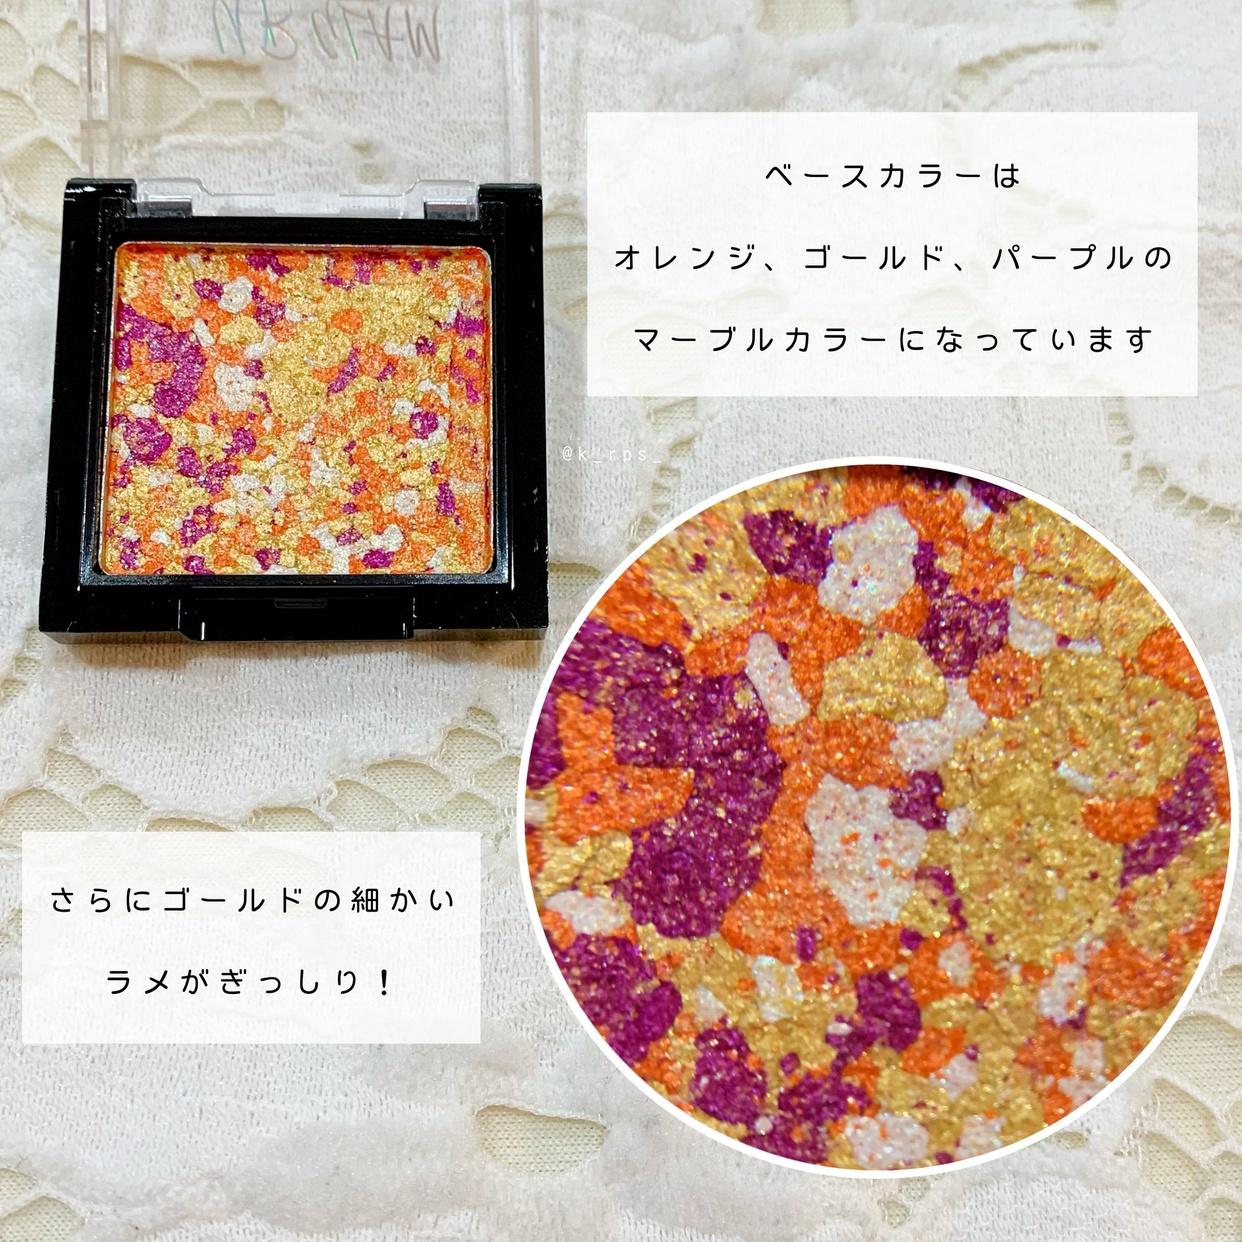 UR GLAM(ユーアーグラム) マーブルアイシャドウを使ったKeiさんのクチコミ画像2